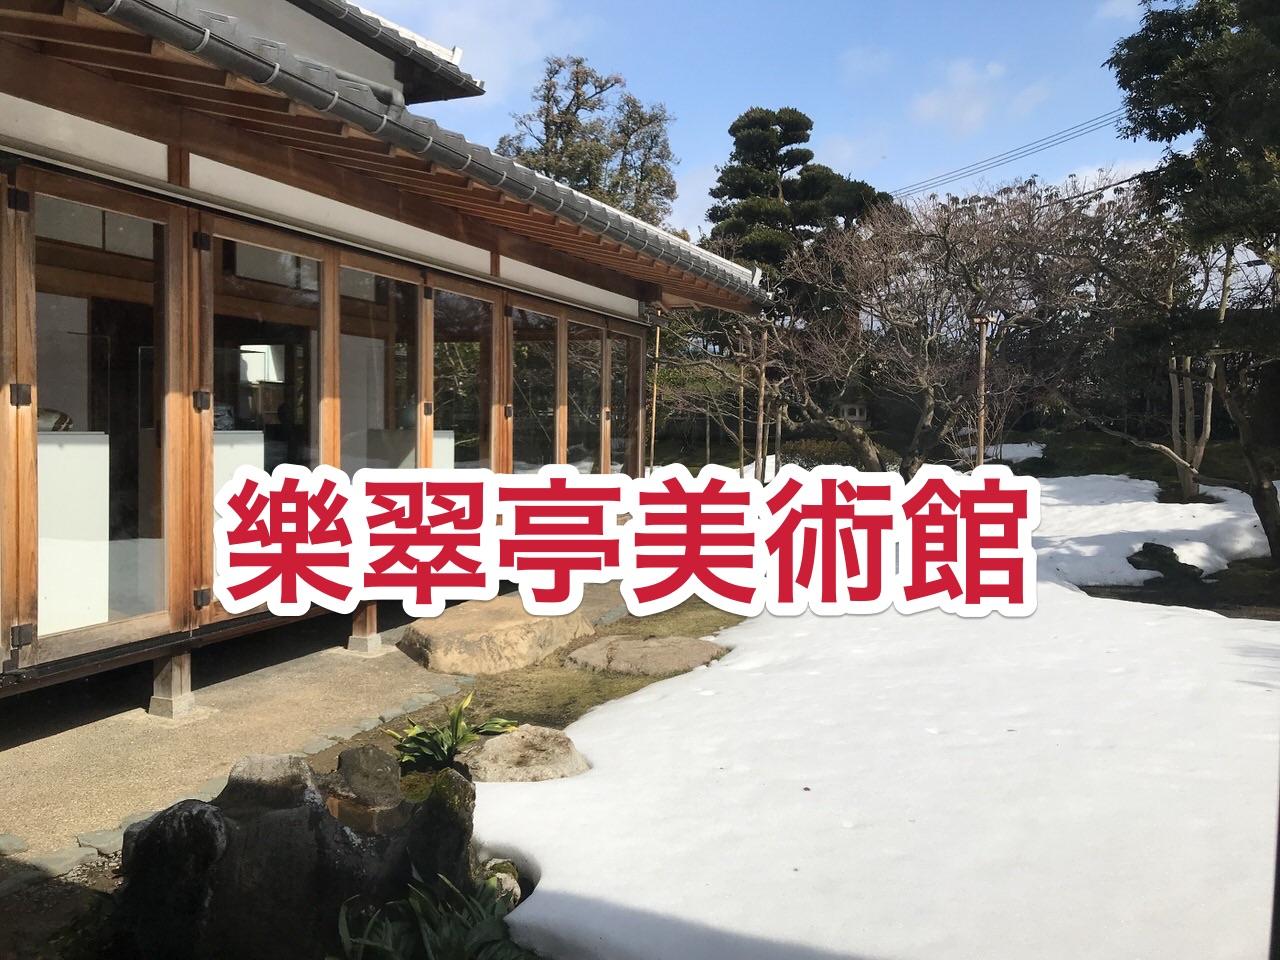 「樂翠亭美術館」普通の家でゆっくり作品を鑑賞する感覚の美術館